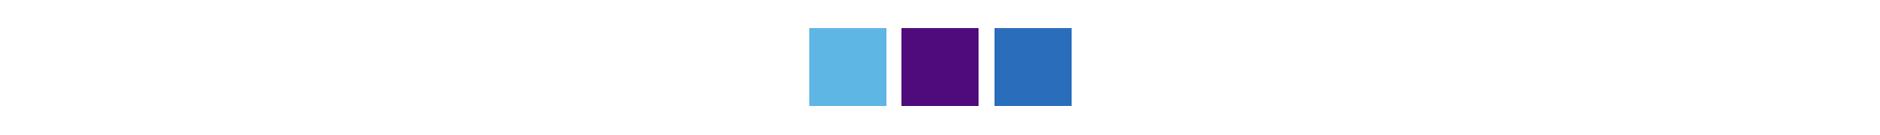 Regen Orthopedics Brand Colors